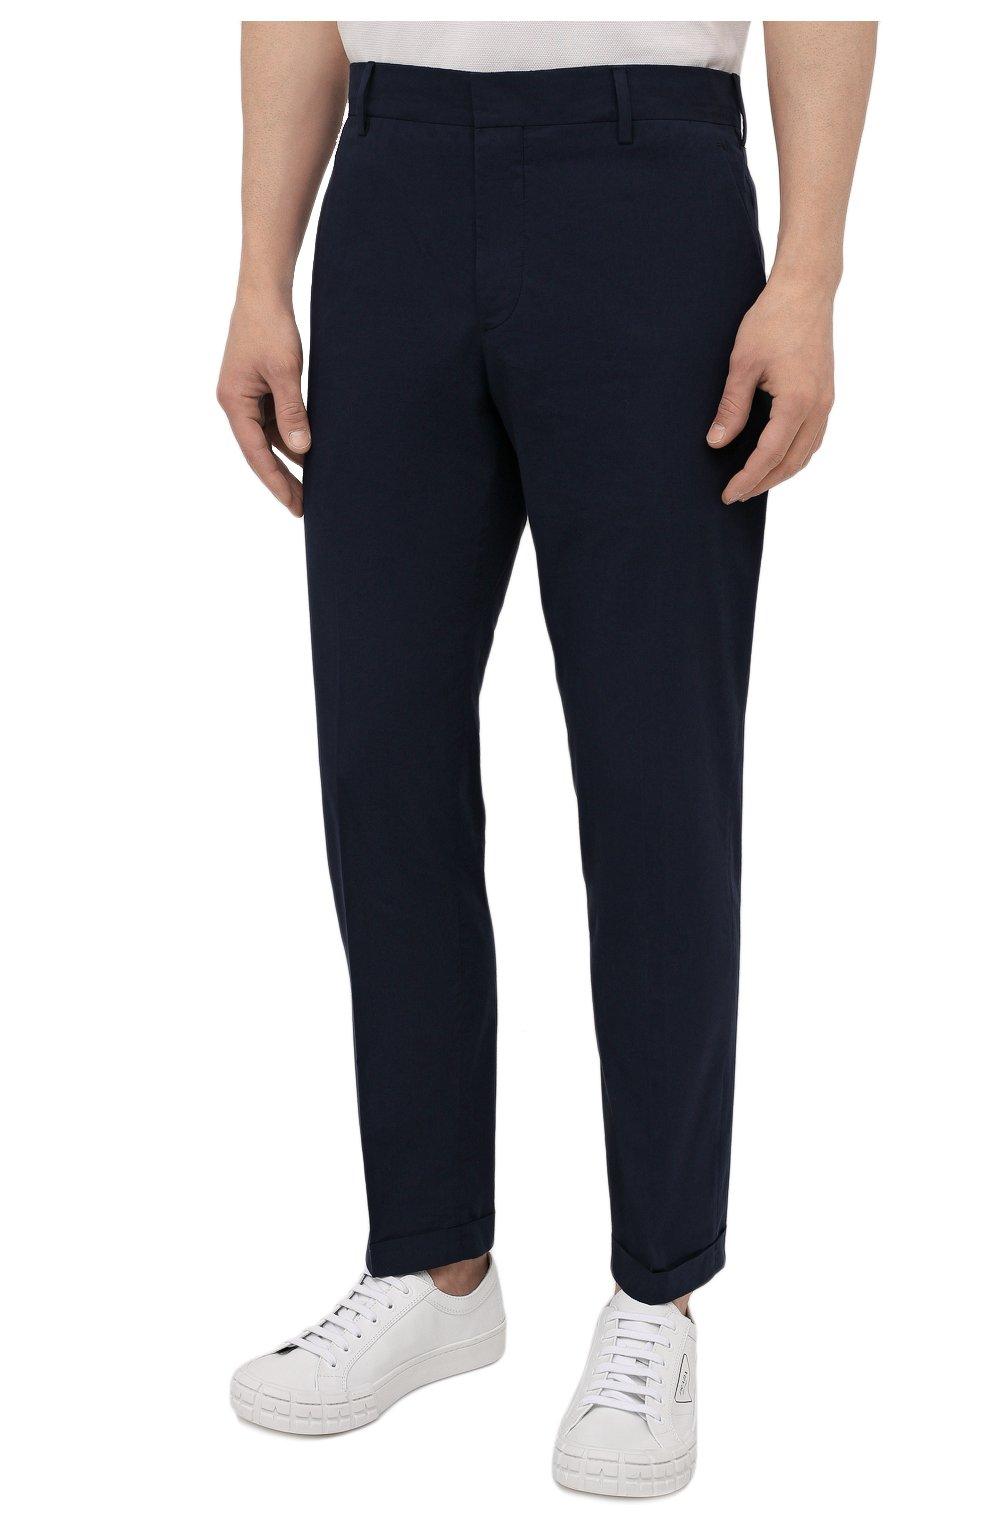 Мужские хлопковые брюки PRADA темно-синего цвета, арт. SPD91-1BJ2-F0ABM-172 | Фото 3 (Длина (брюки, джинсы): Стандартные; Случай: Повседневный; Материал внешний: Хлопок; Стили: Минимализм)